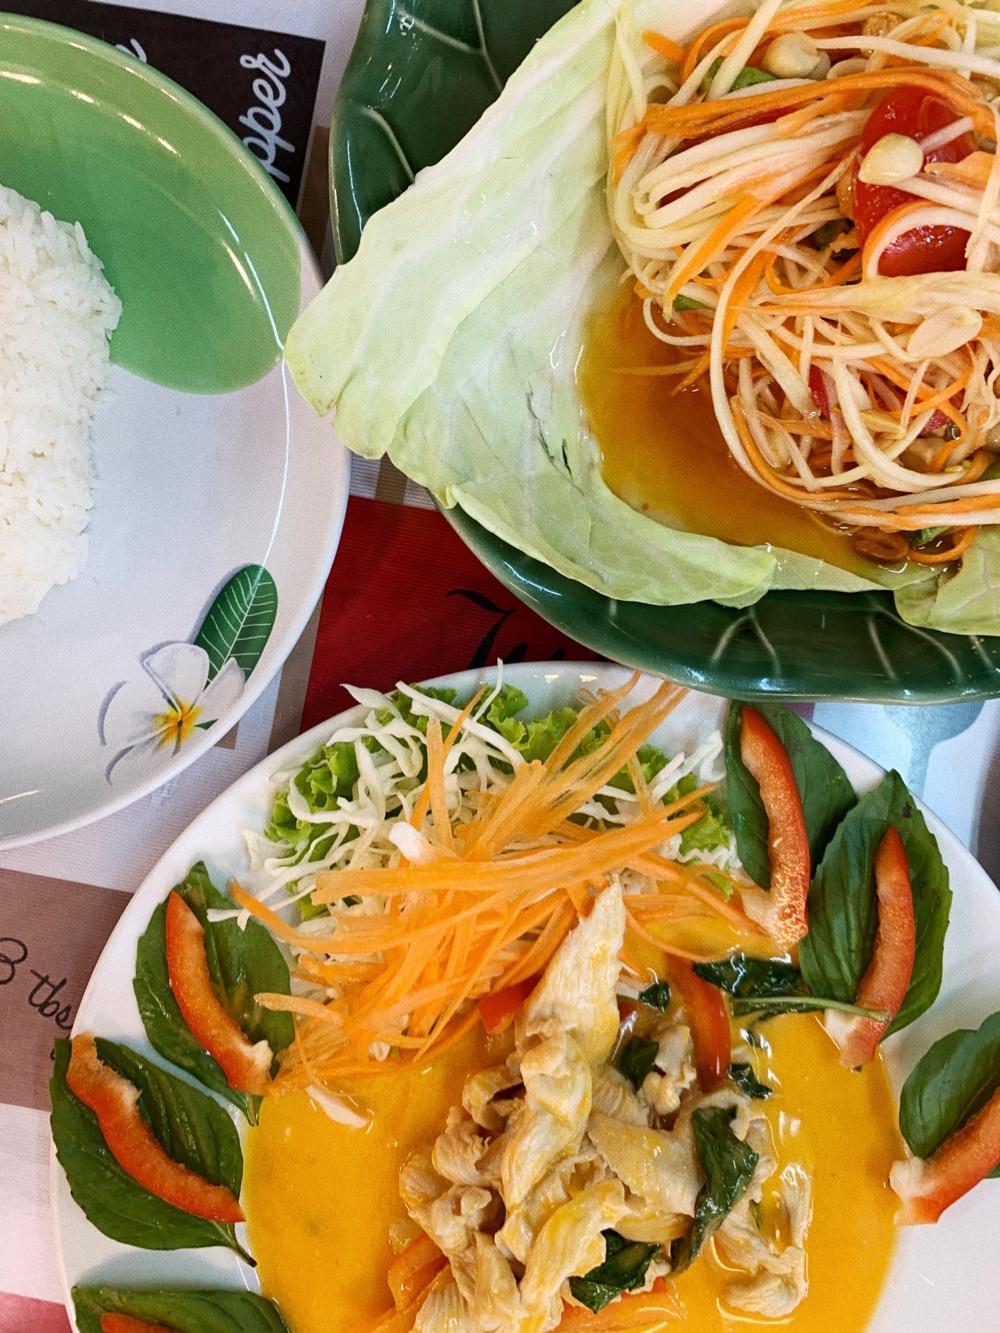 POSTKORT FRA THAILAND 11